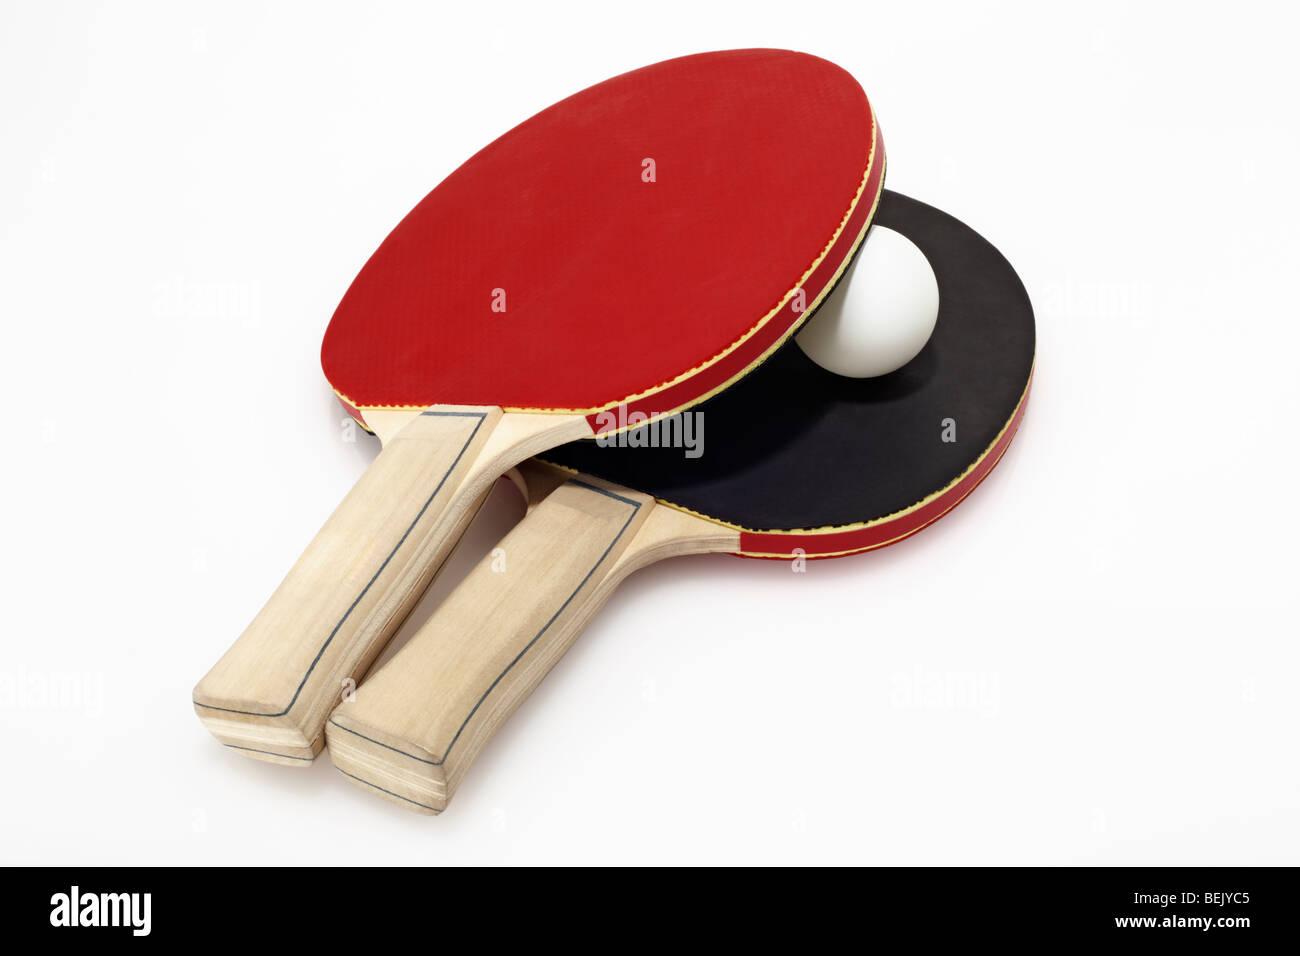 Tischtennisschlaeger Imagen De Stock